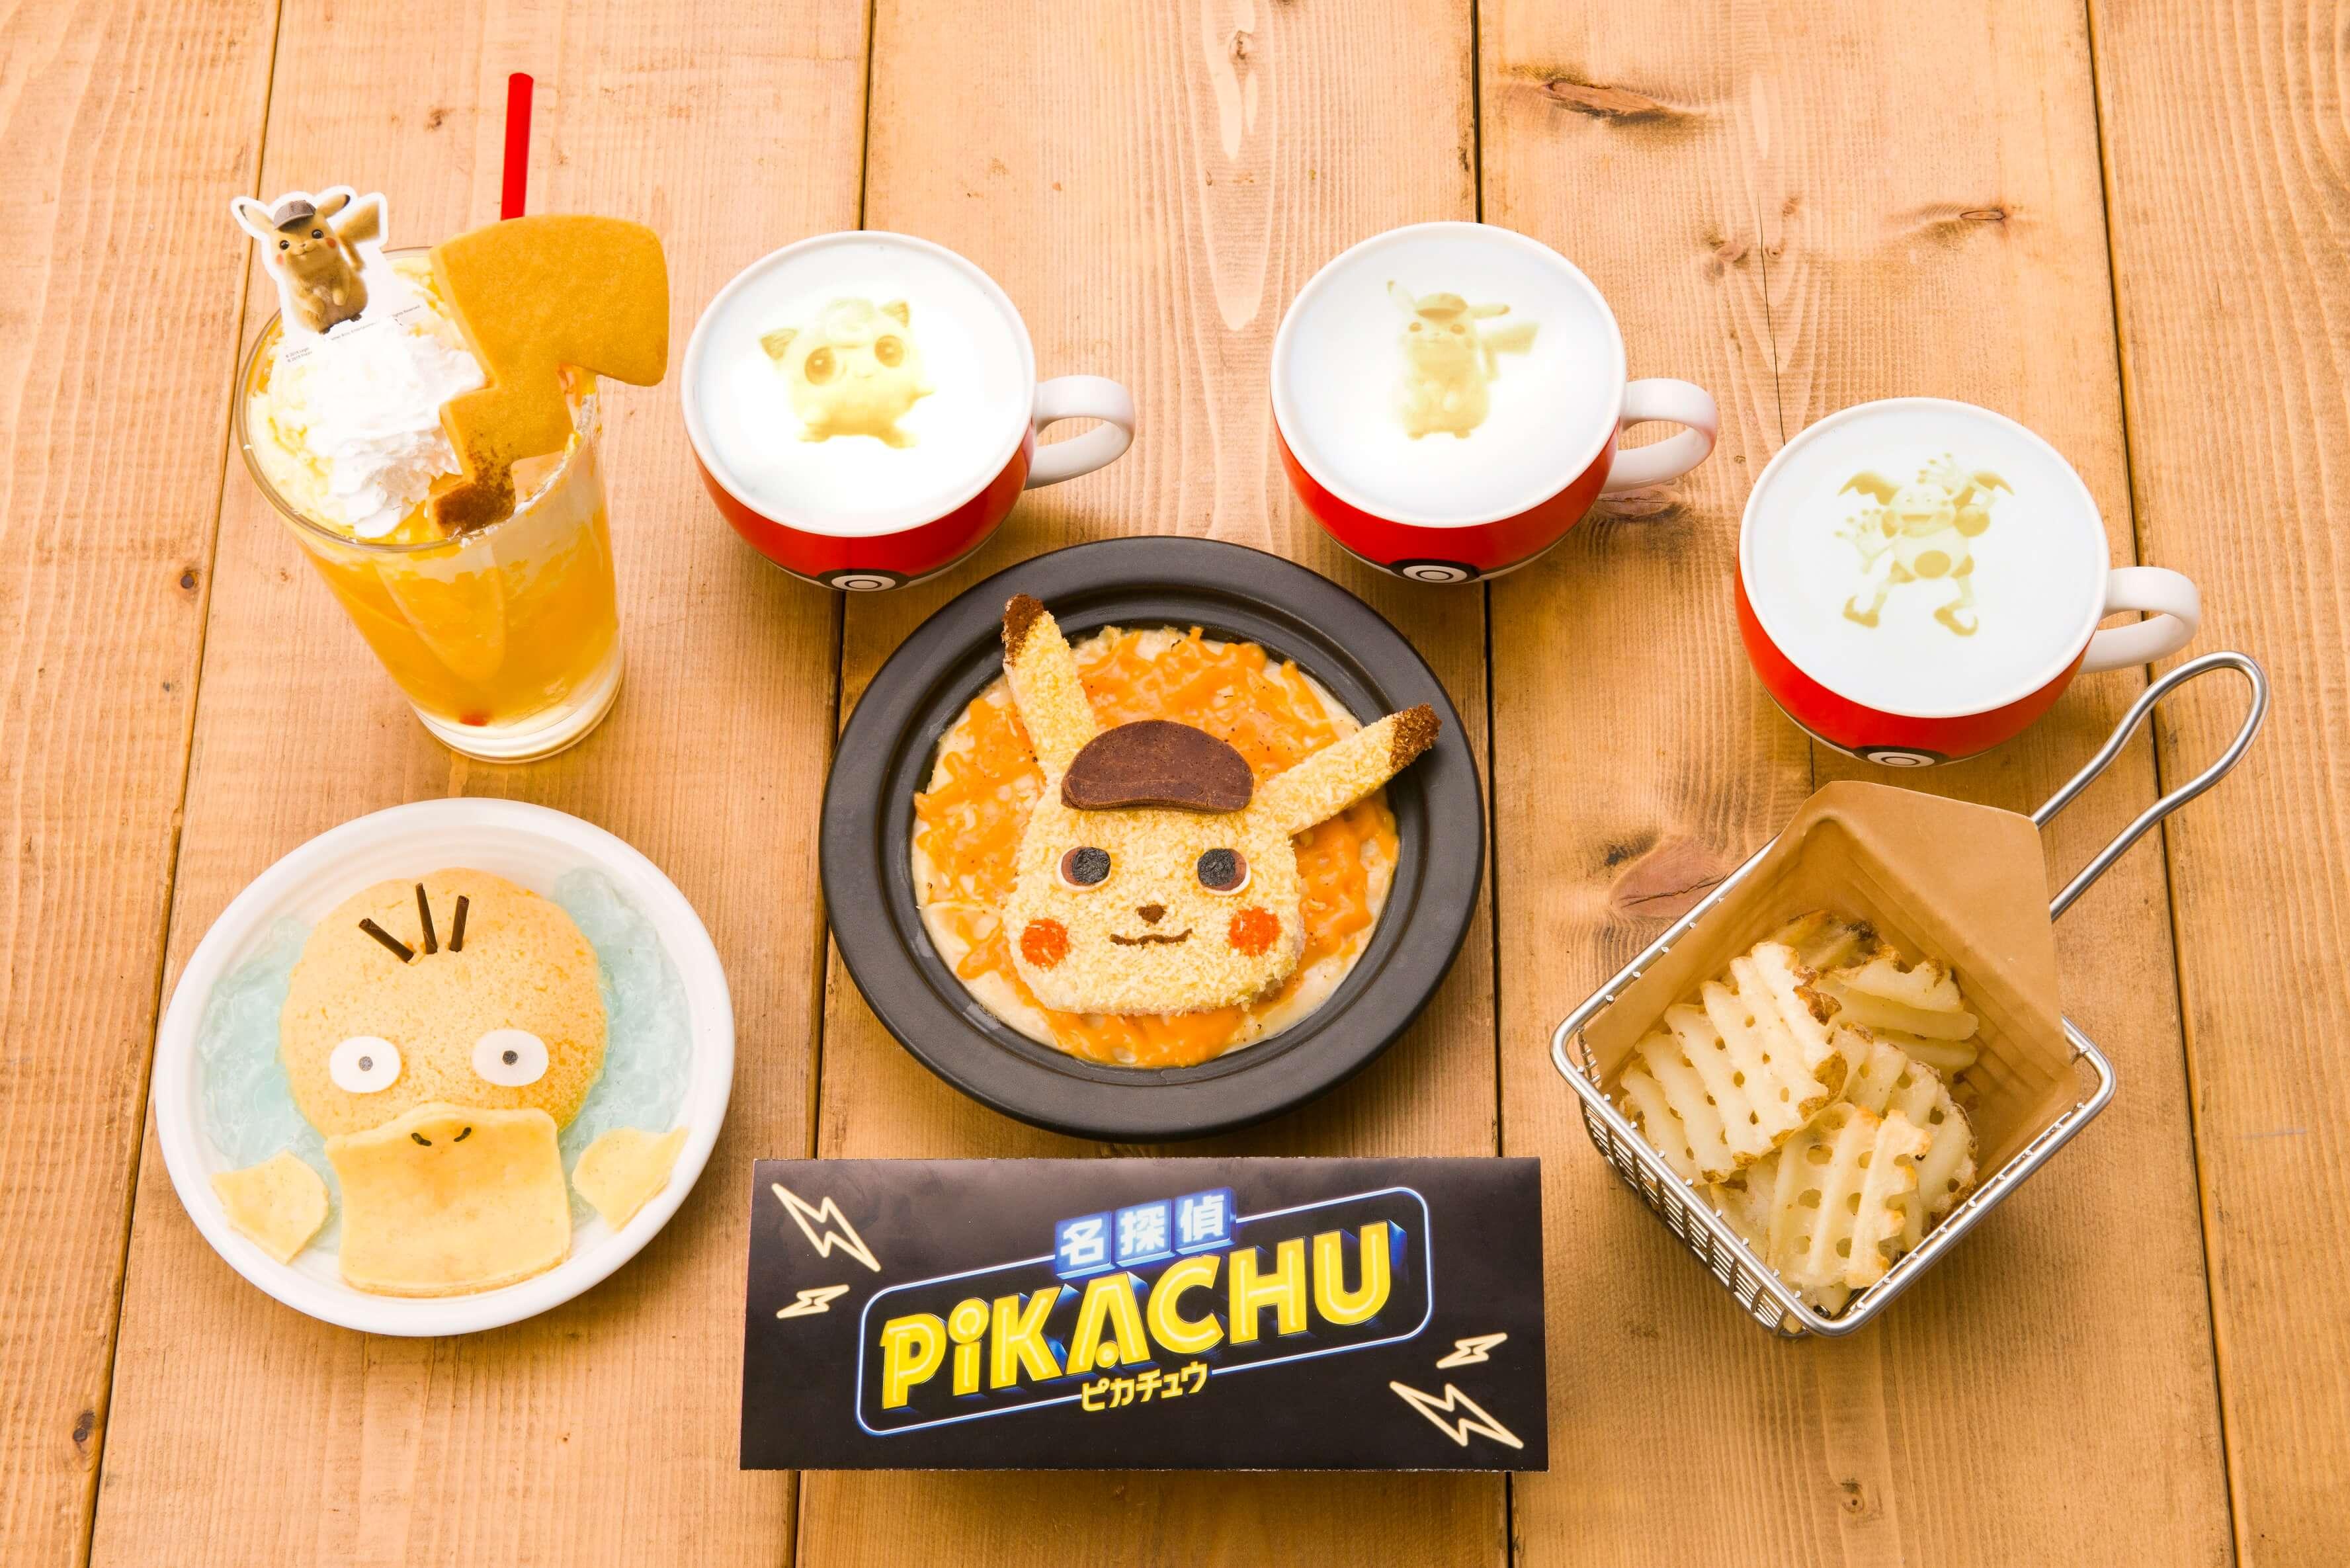 pokemon cafe  ポケモンカフェ 名探偵ピカチュウ meitantei pikachu main 限定メニュー gentei menue